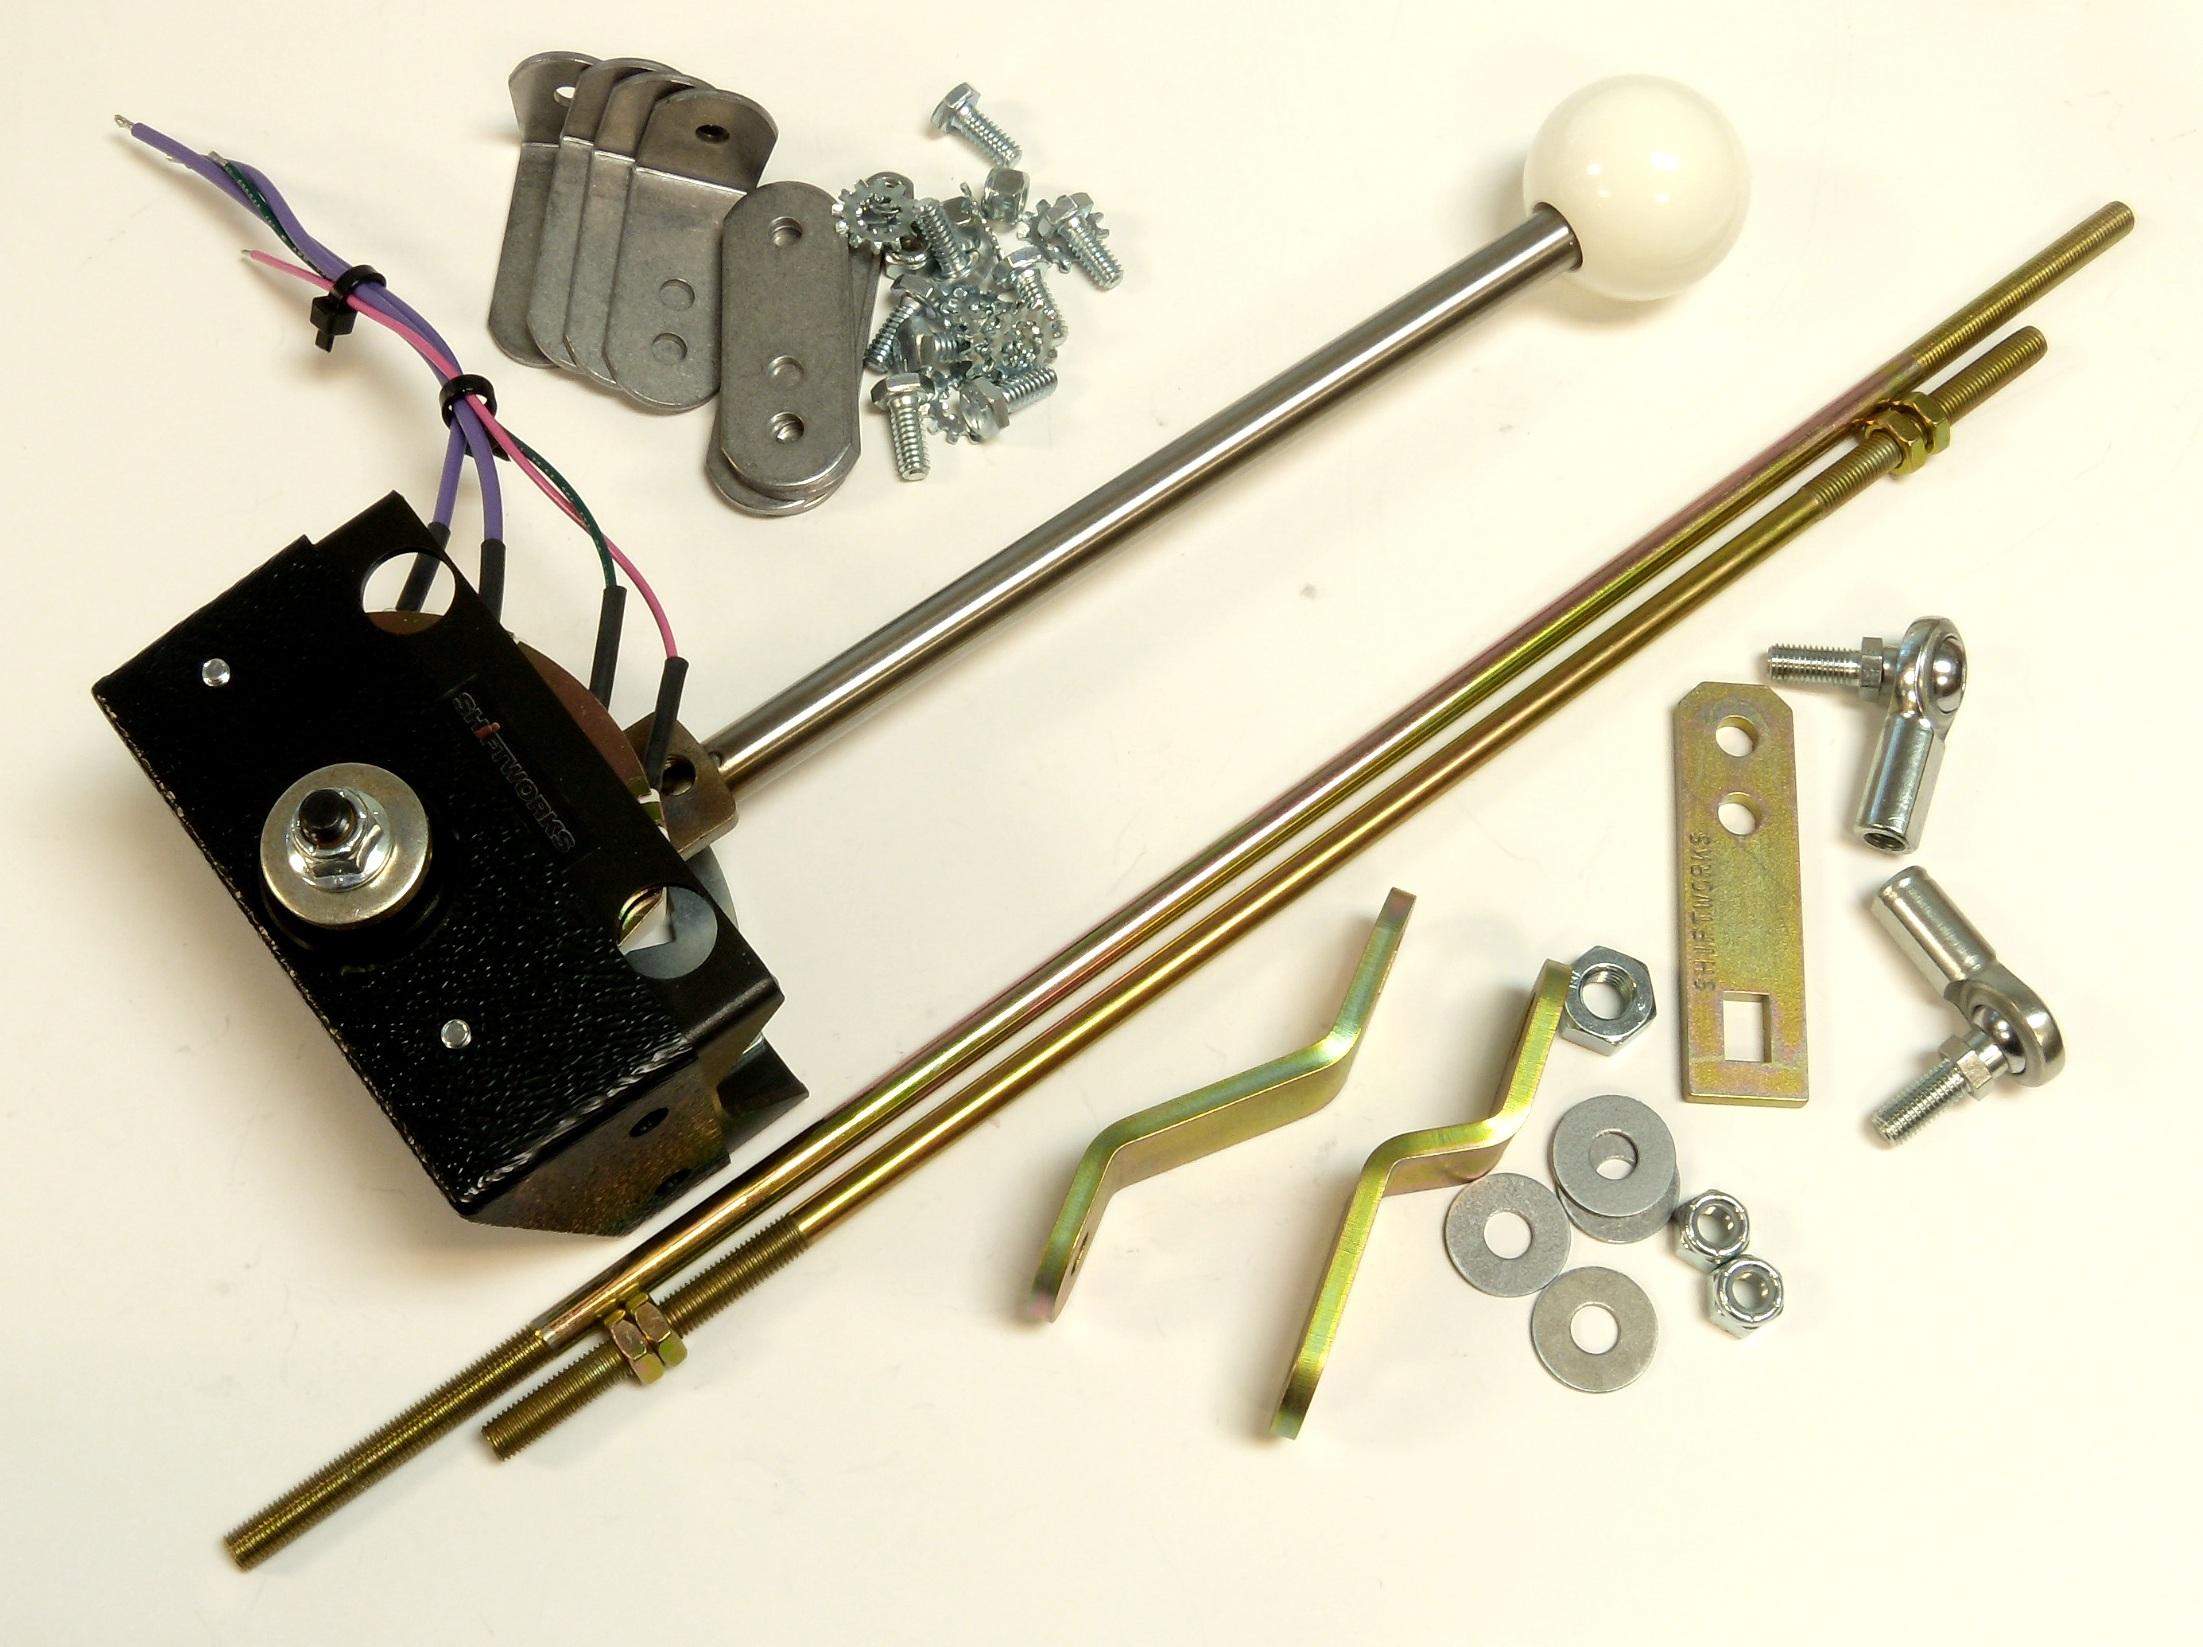 New at Summit Racing Equipment: Shiftworks Shifter Conversion Kits